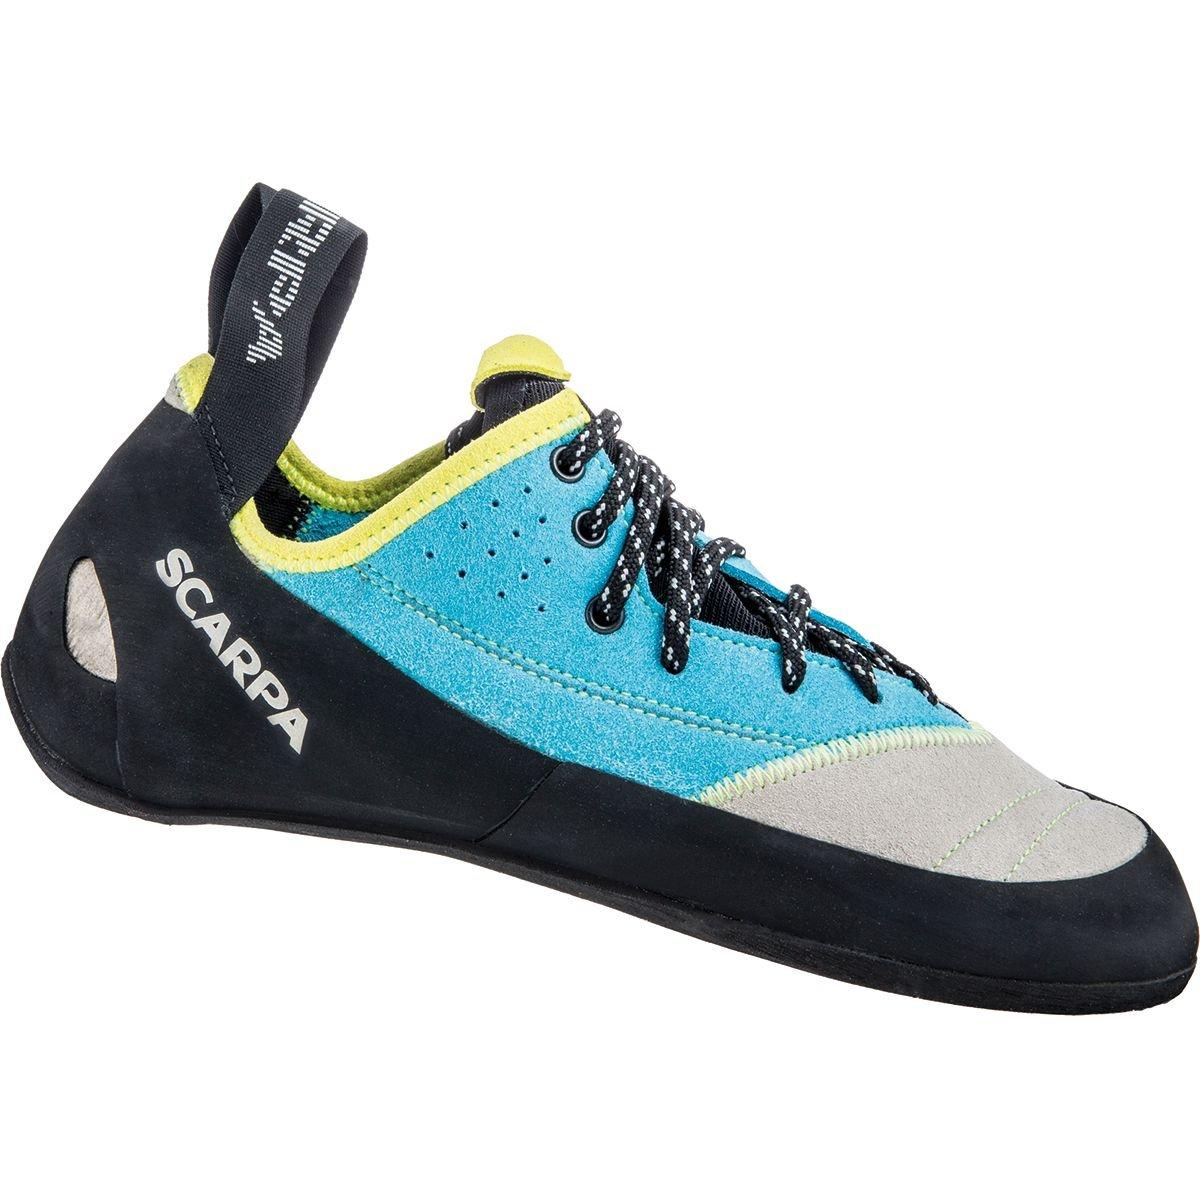 Scarpa Schuhe Velocity L Damens